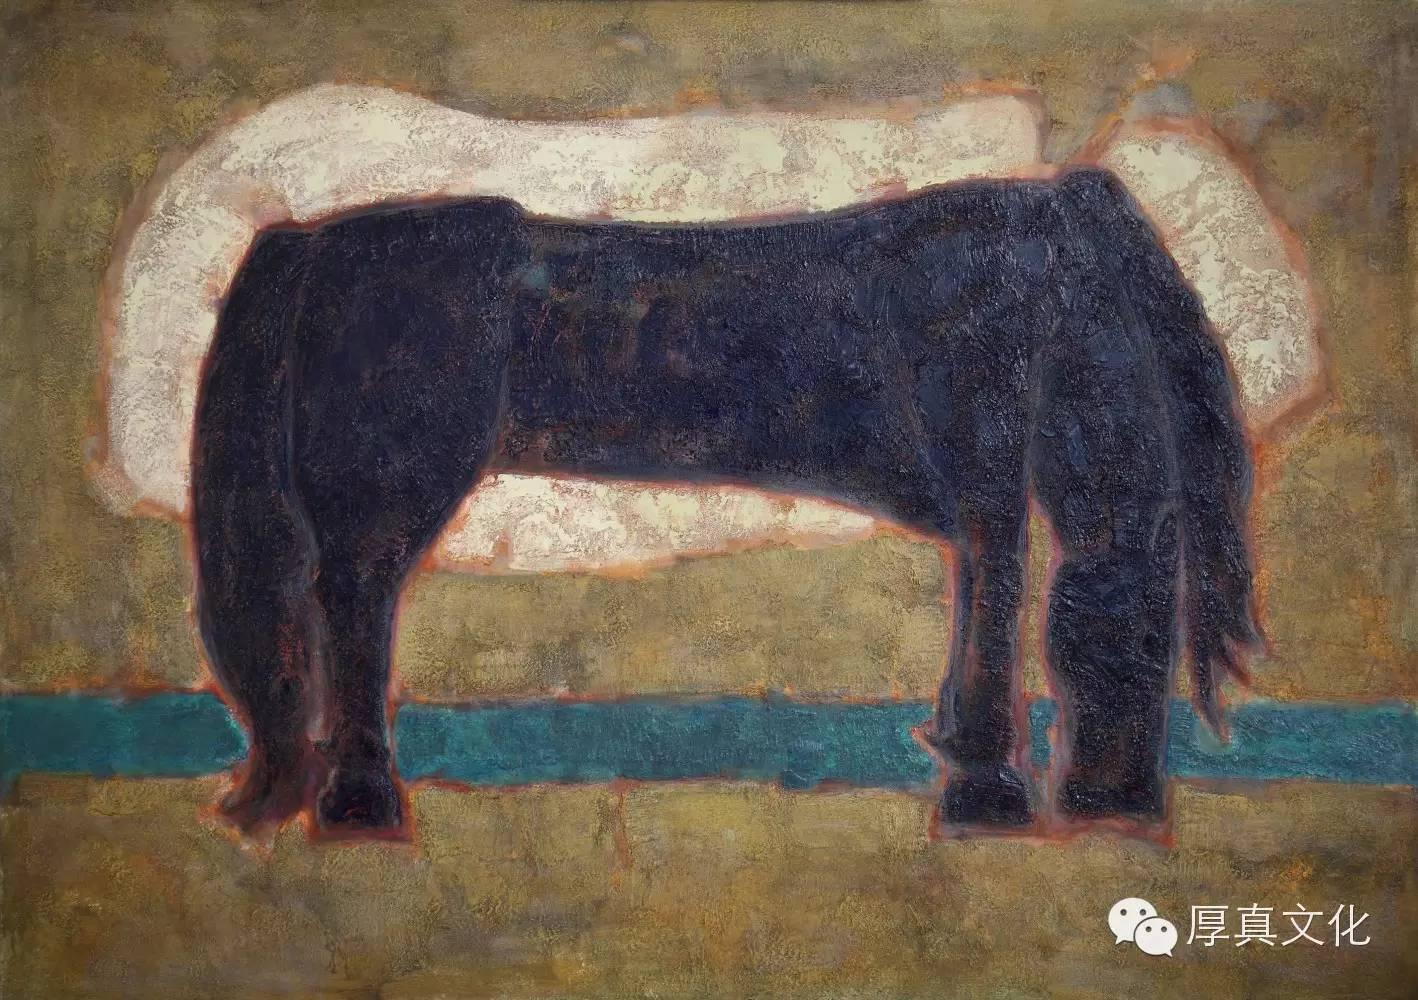 【蒙古人】画家——格日乐图 第1张 【蒙古人】画家——格日乐图 蒙古画廊